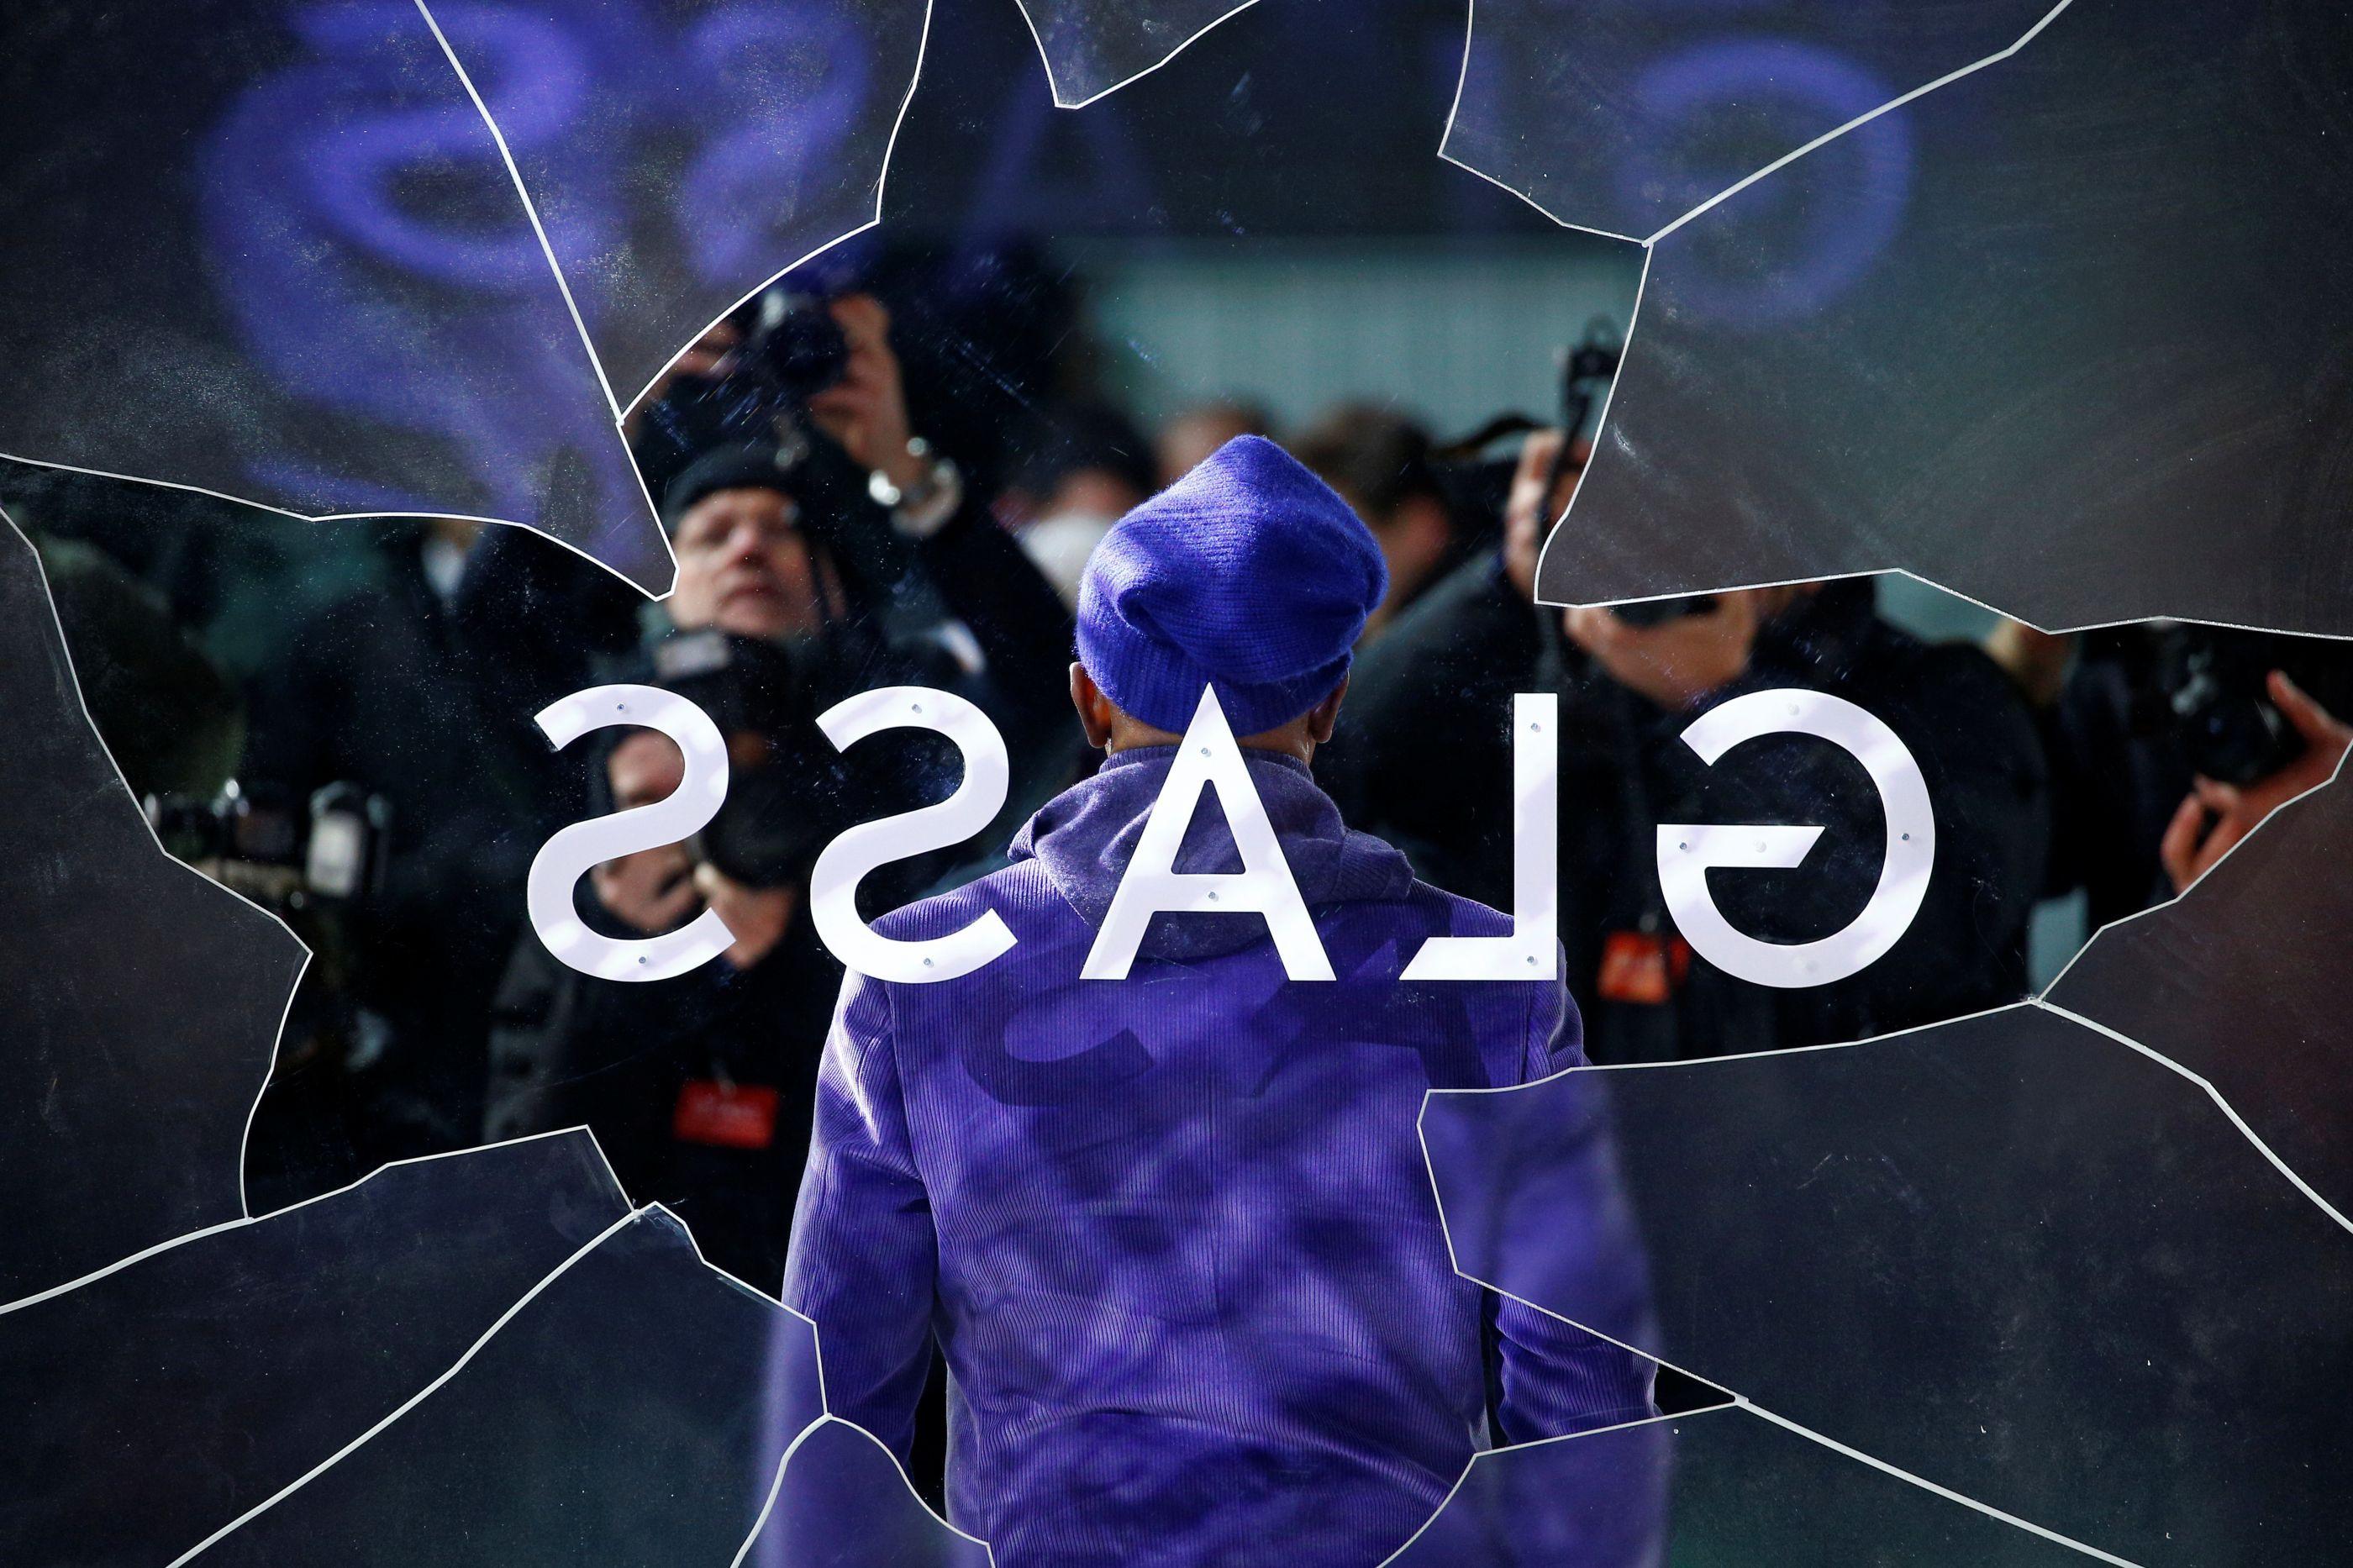 'Glass' estilhaçou liderança de bilheteiras nos cinemas nacionais